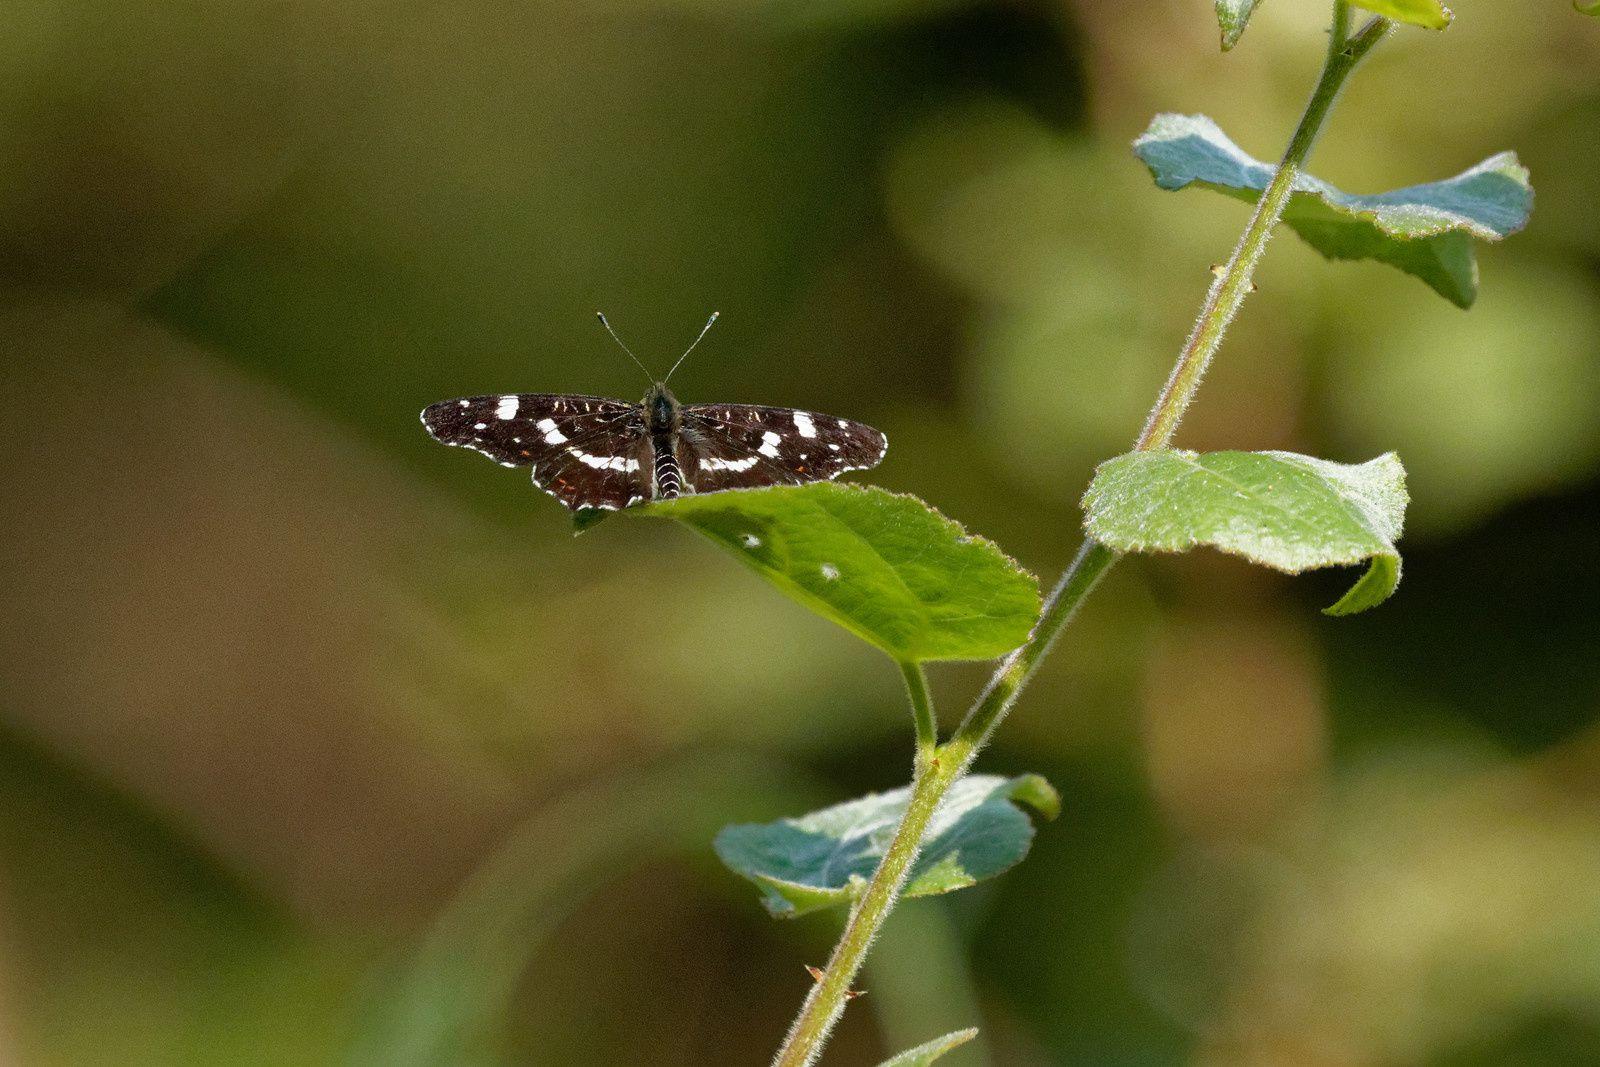 396 - Sortie R.E.N.A.R.D. à Lésigny pour les Odonates et Papillons : 30/06/2018